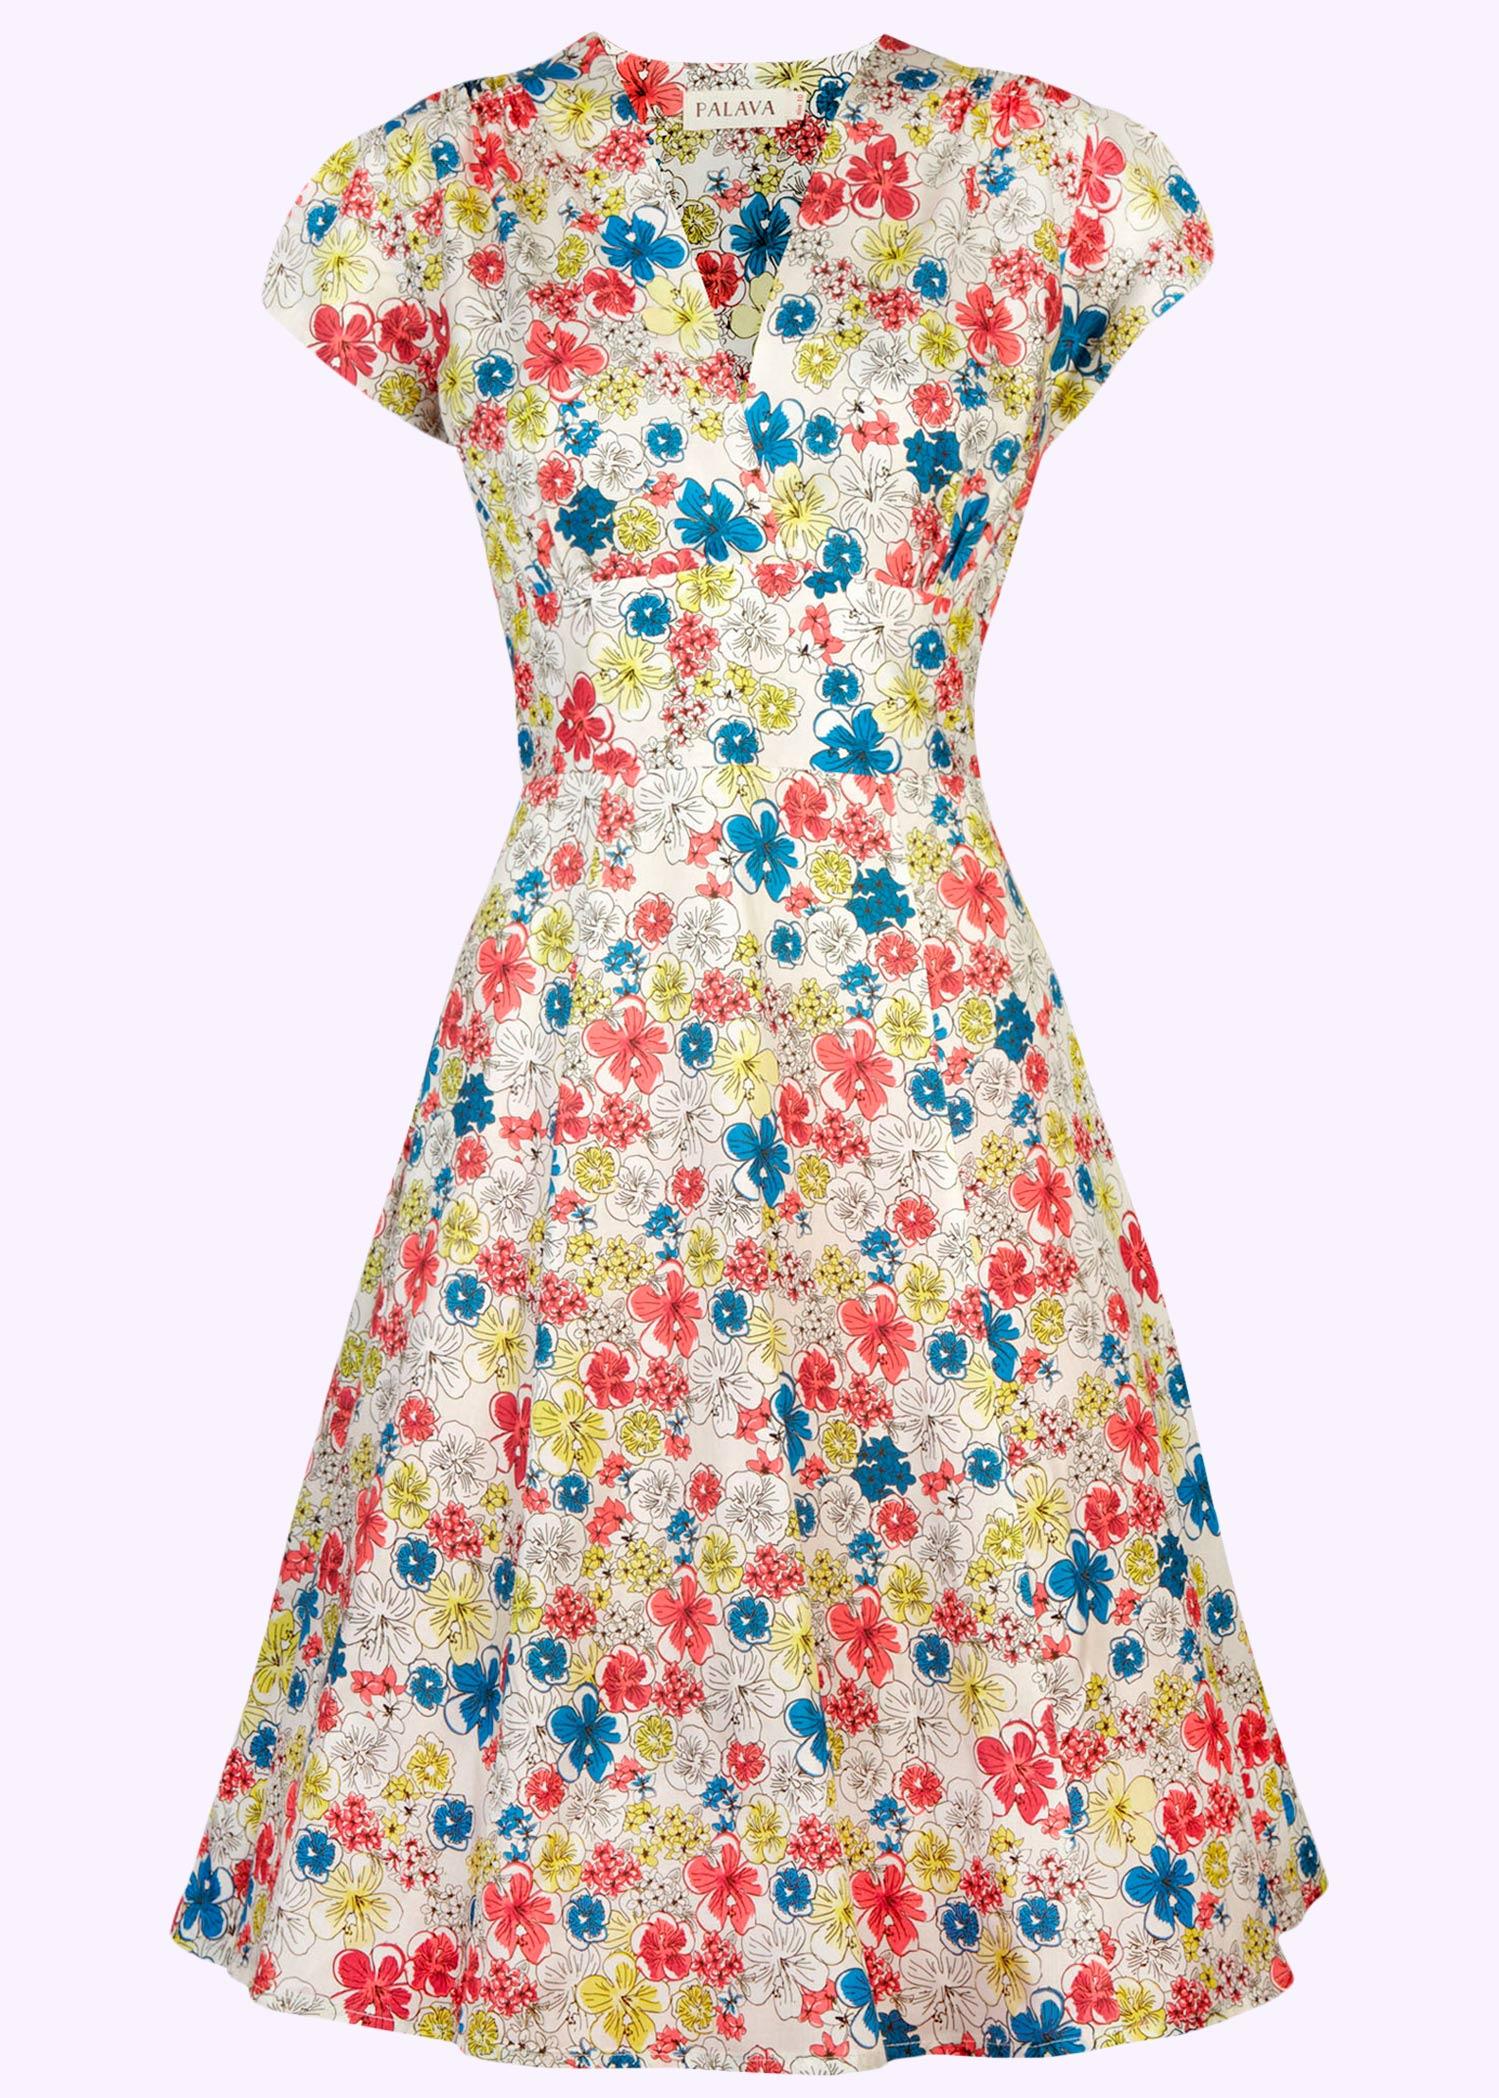 Sommer kjole fra Palava i bomuld med retro print af blomster